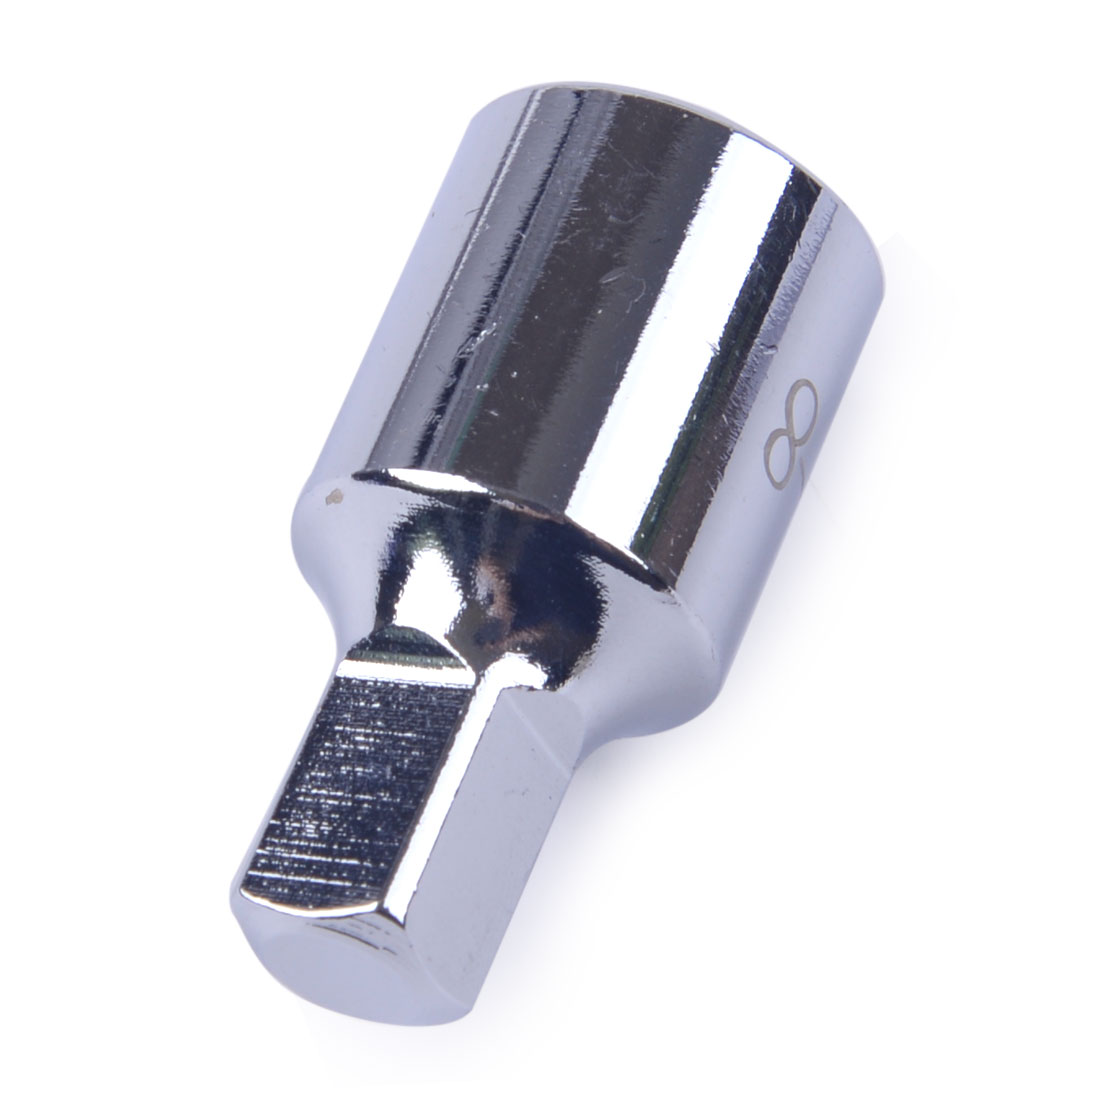 1x 8mm Square Ölwanne Ölablassschraube Schlüssel Werkzeug Für Renault Peugeot FC